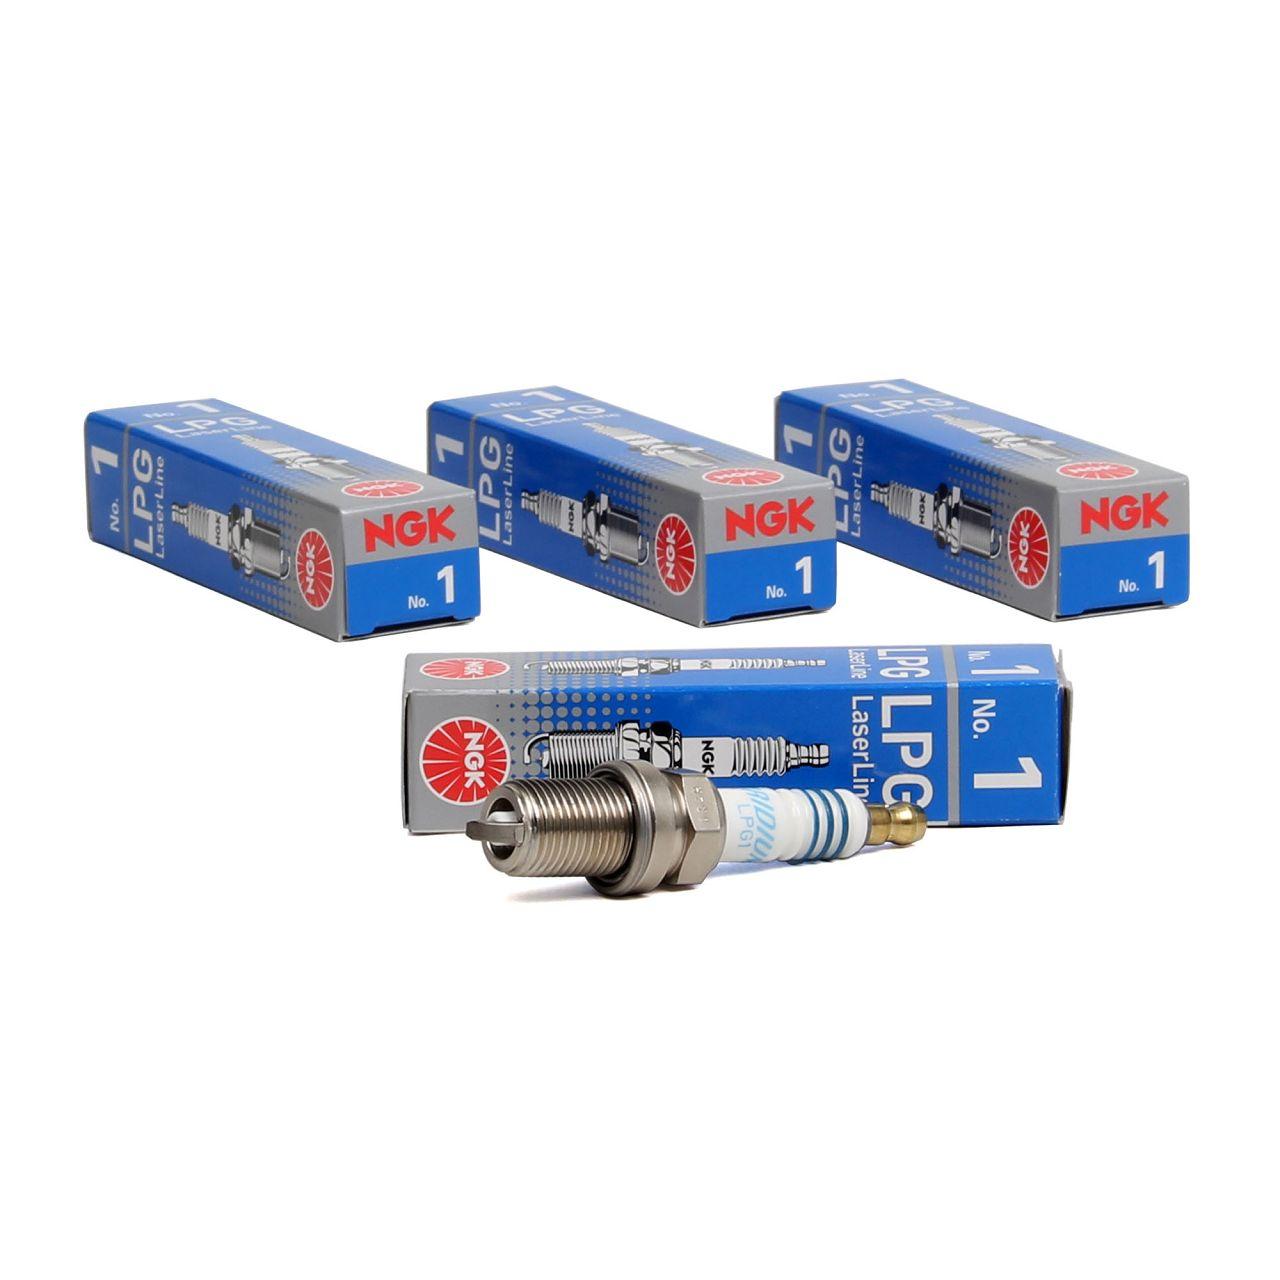 4x NGK 1496 LL1 LPG1 LPG LaserLine 1 Zündkerze für LPG/CNG Gasbetrieb Flüssiggas